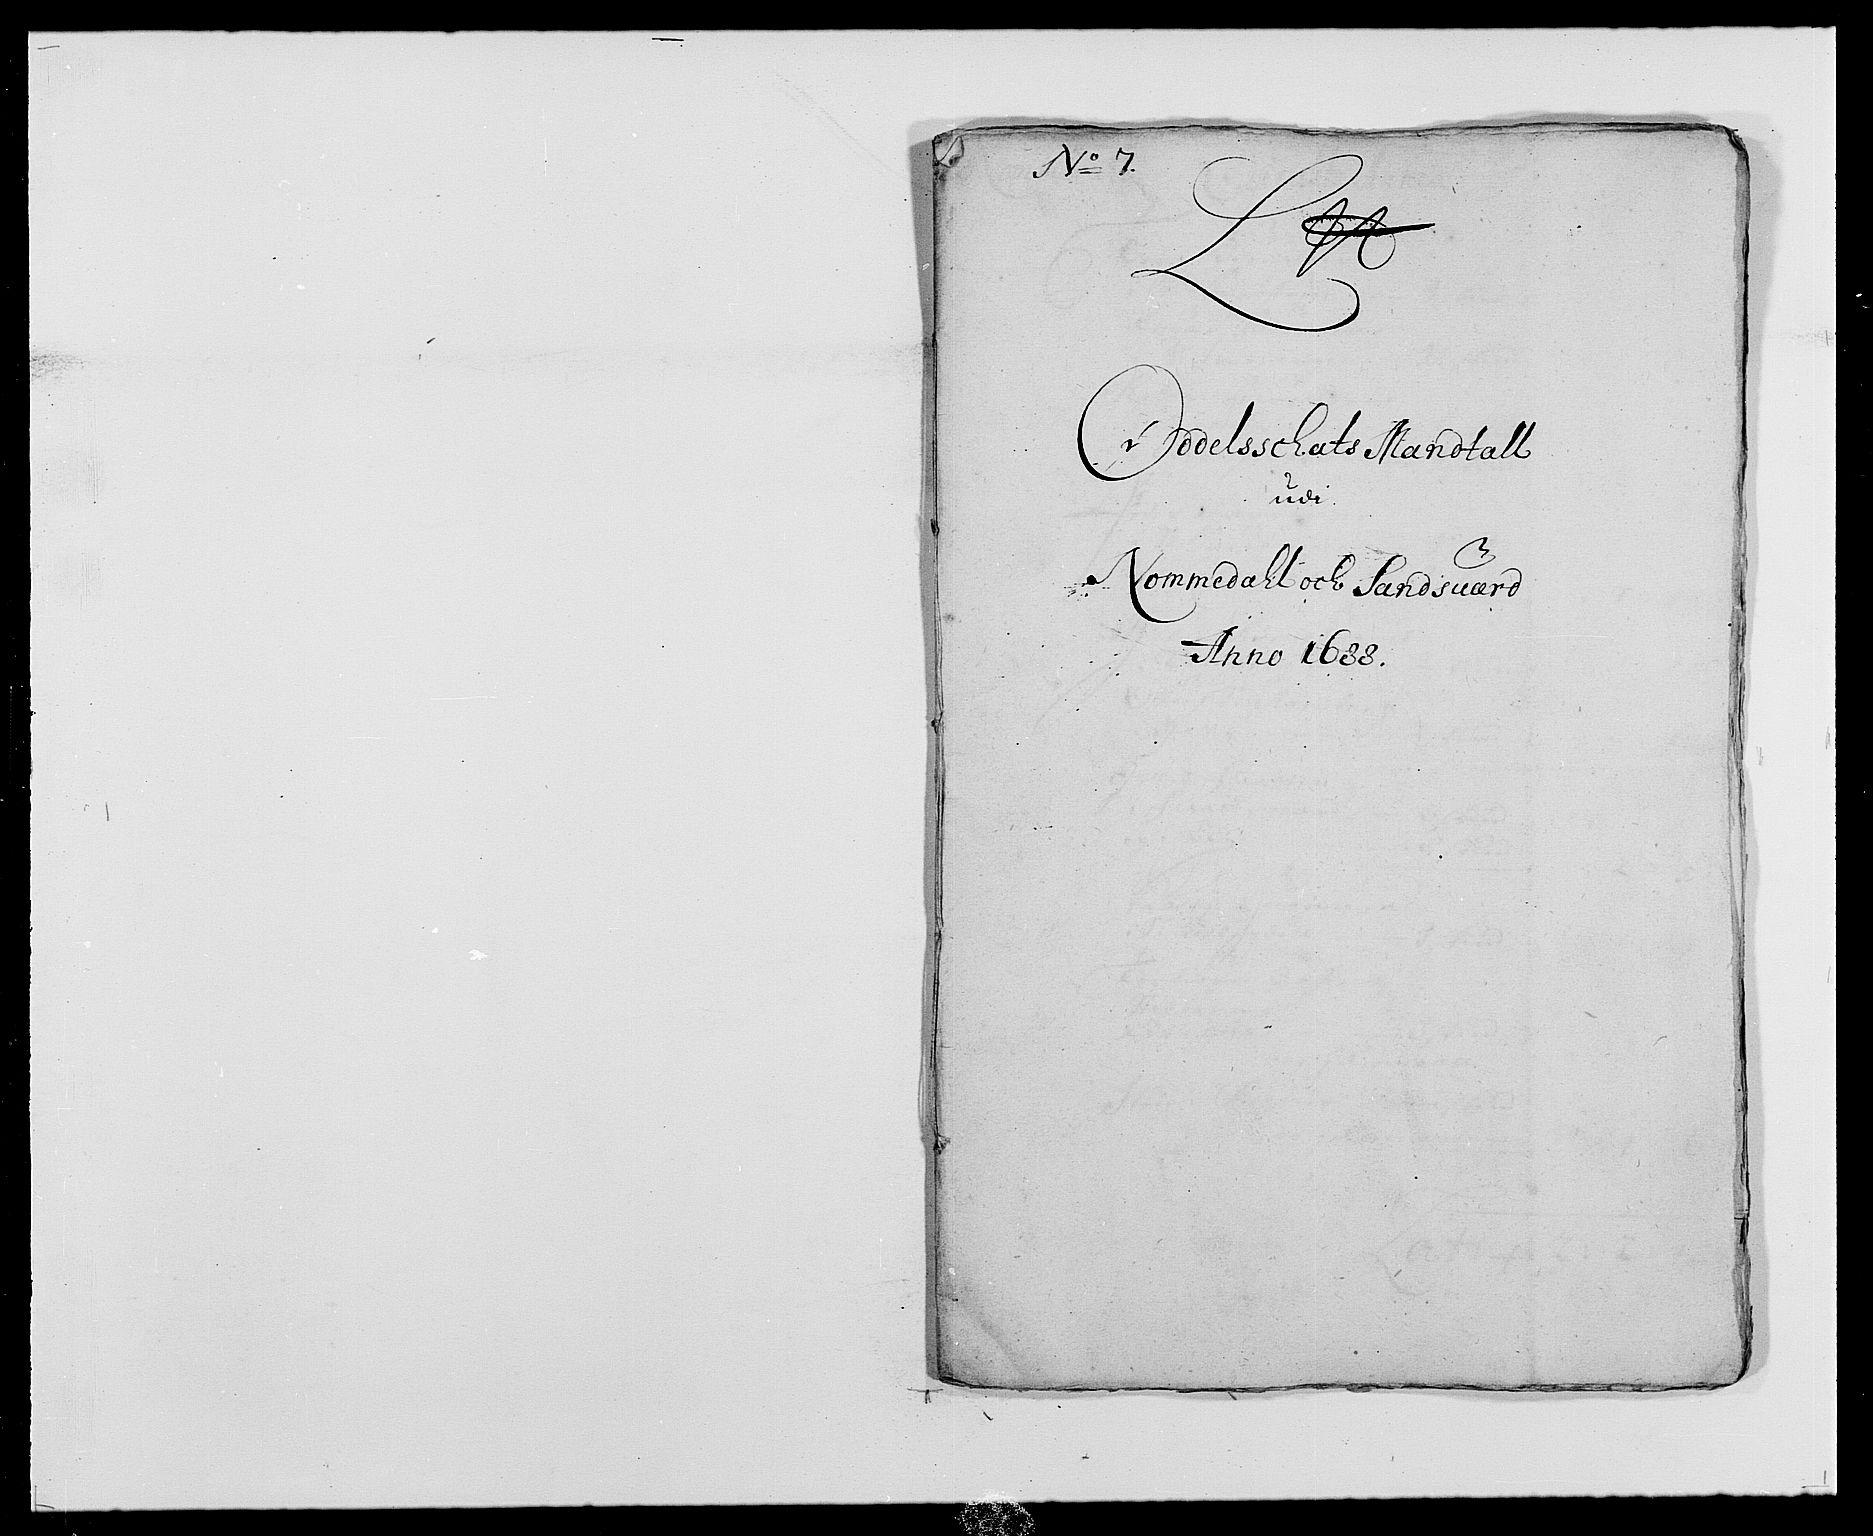 RA, Rentekammeret inntil 1814, Reviderte regnskaper, Fogderegnskap, R24/L1573: Fogderegnskap Numedal og Sandsvær, 1687-1691, s. 301